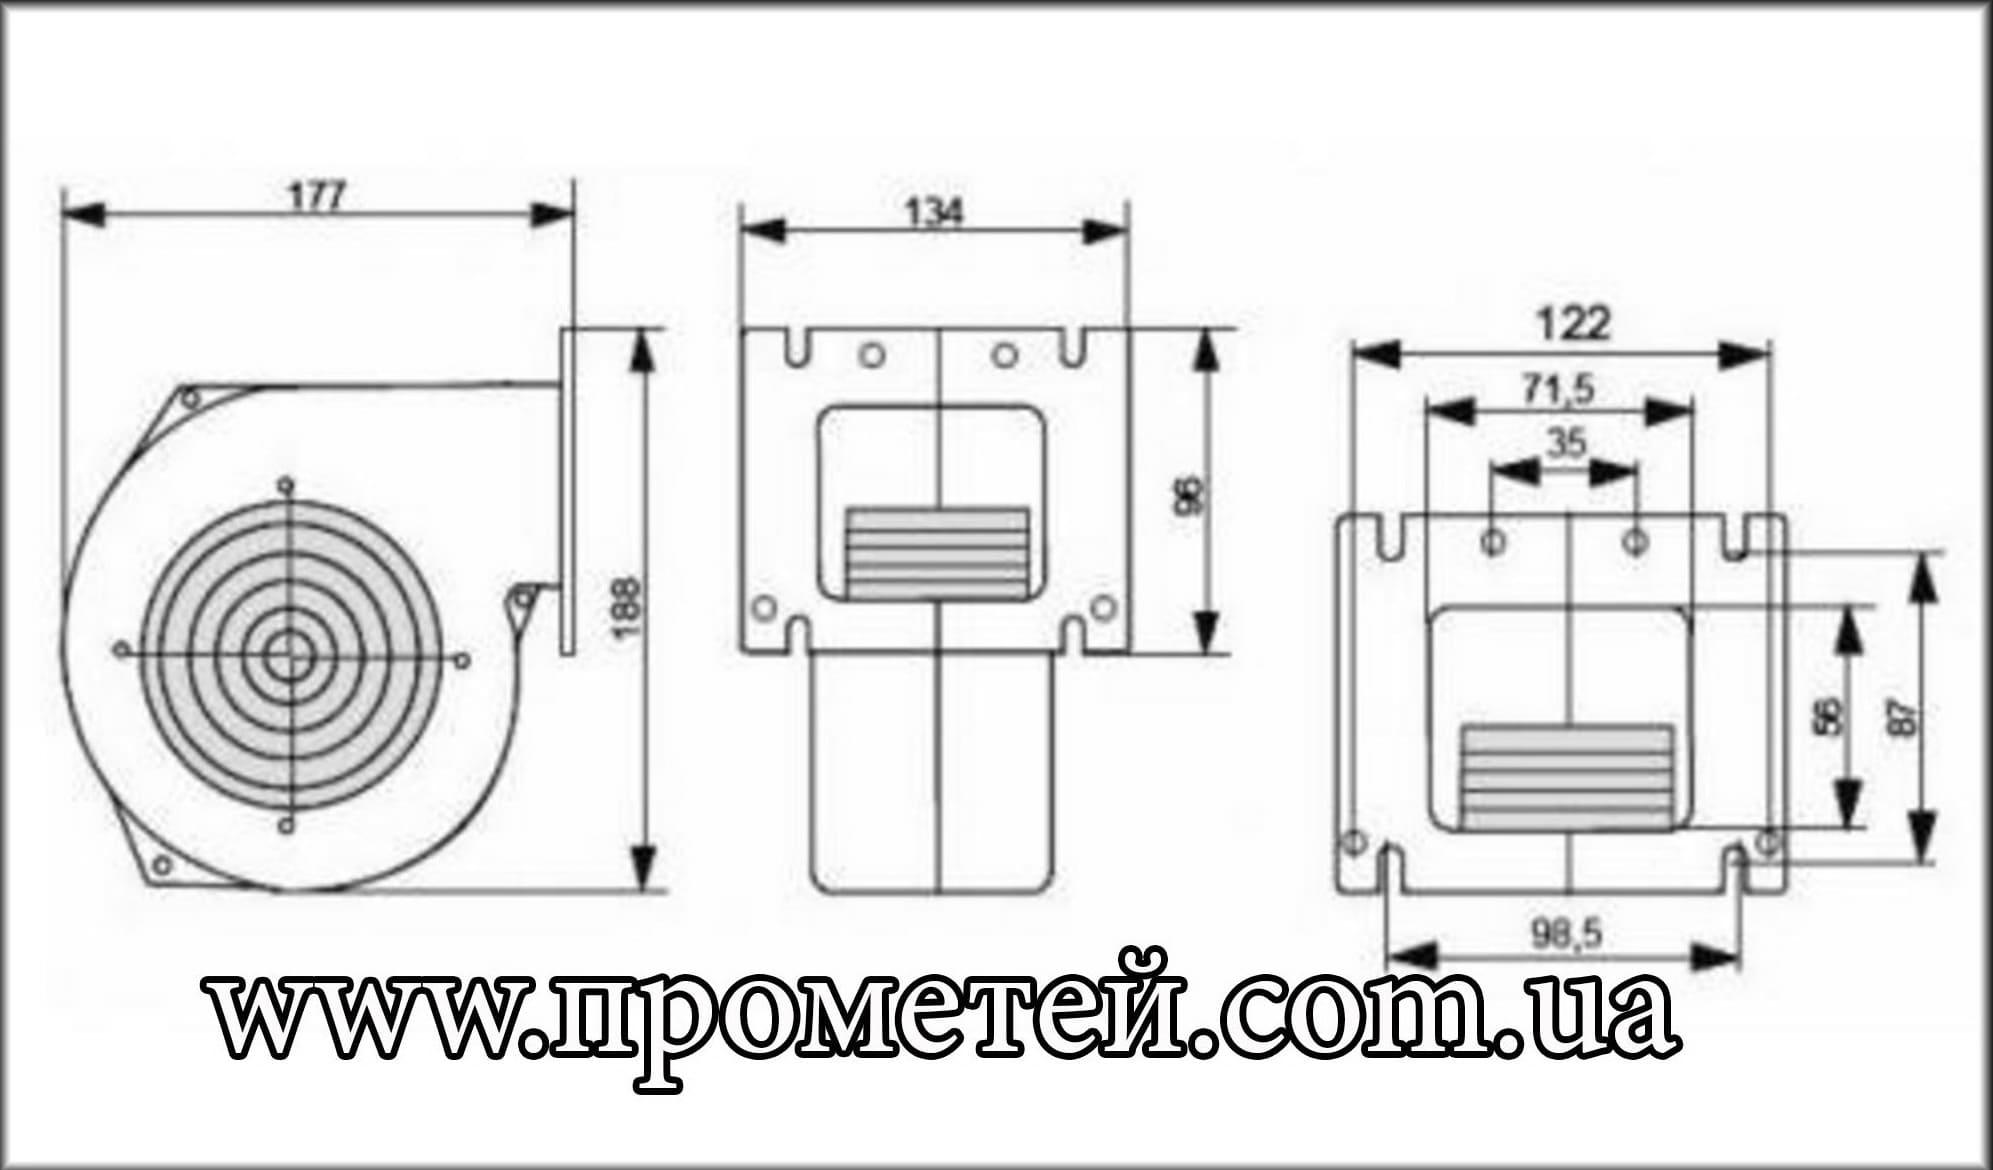 Габаритные размеры вентилятора Новосолар NWS 79